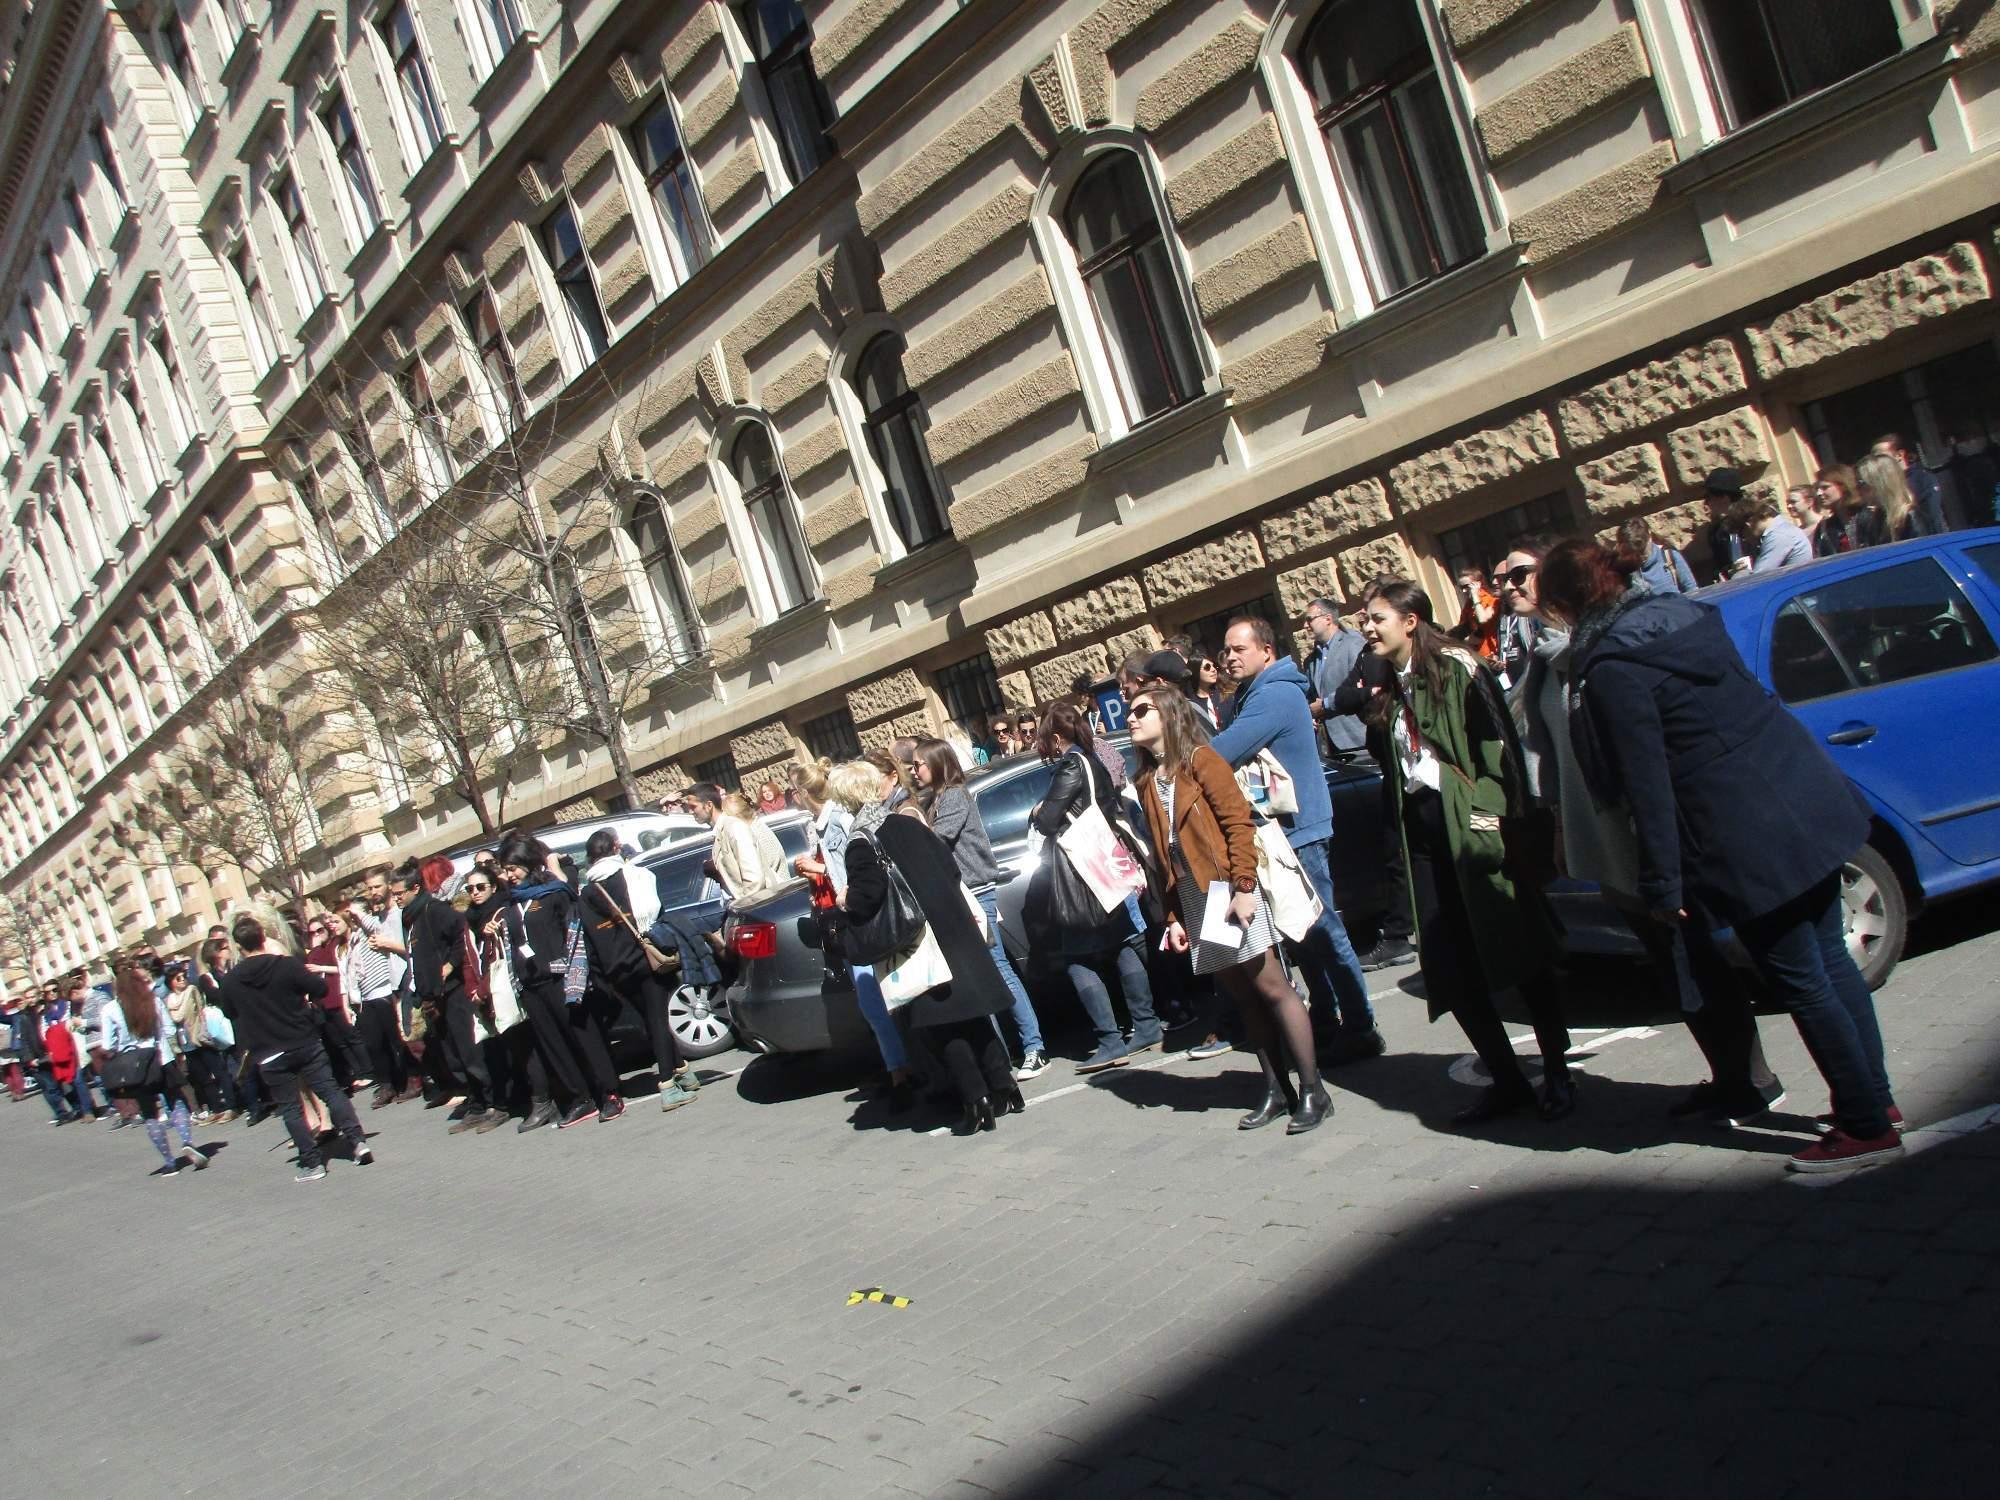 Hosté festivalu se v úterý 28. dubna sešli před Divadelní fakultou Janáčkovy akademie múzických umění. Festival zahájili průvodem. Foto: Dominika Sladká